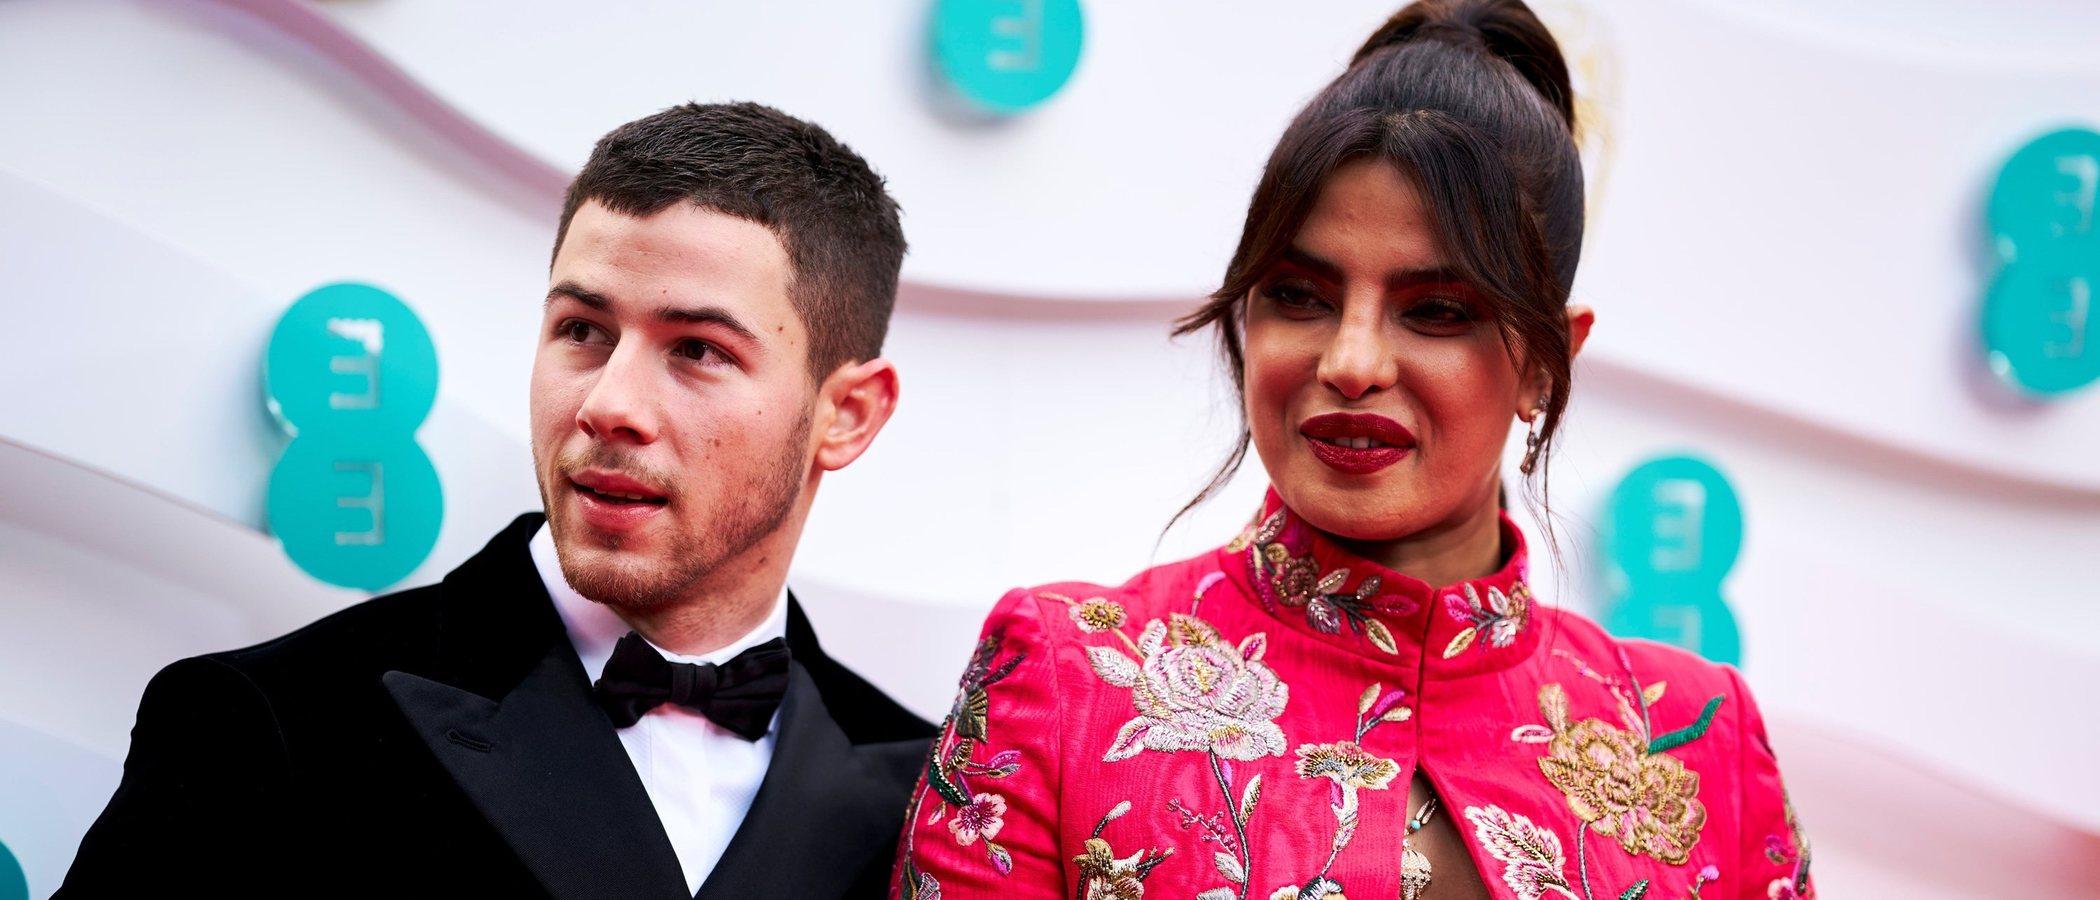 El Pertegaz de Jorge Vázquez conquista Hollywood: Zendaya y Prinyaka Chopra apuestan por la moda española